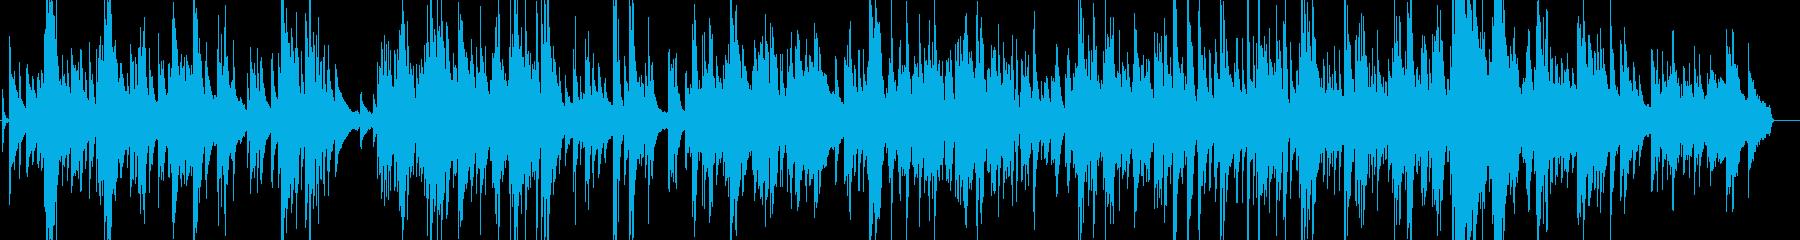 大人のジャズバラードの再生済みの波形